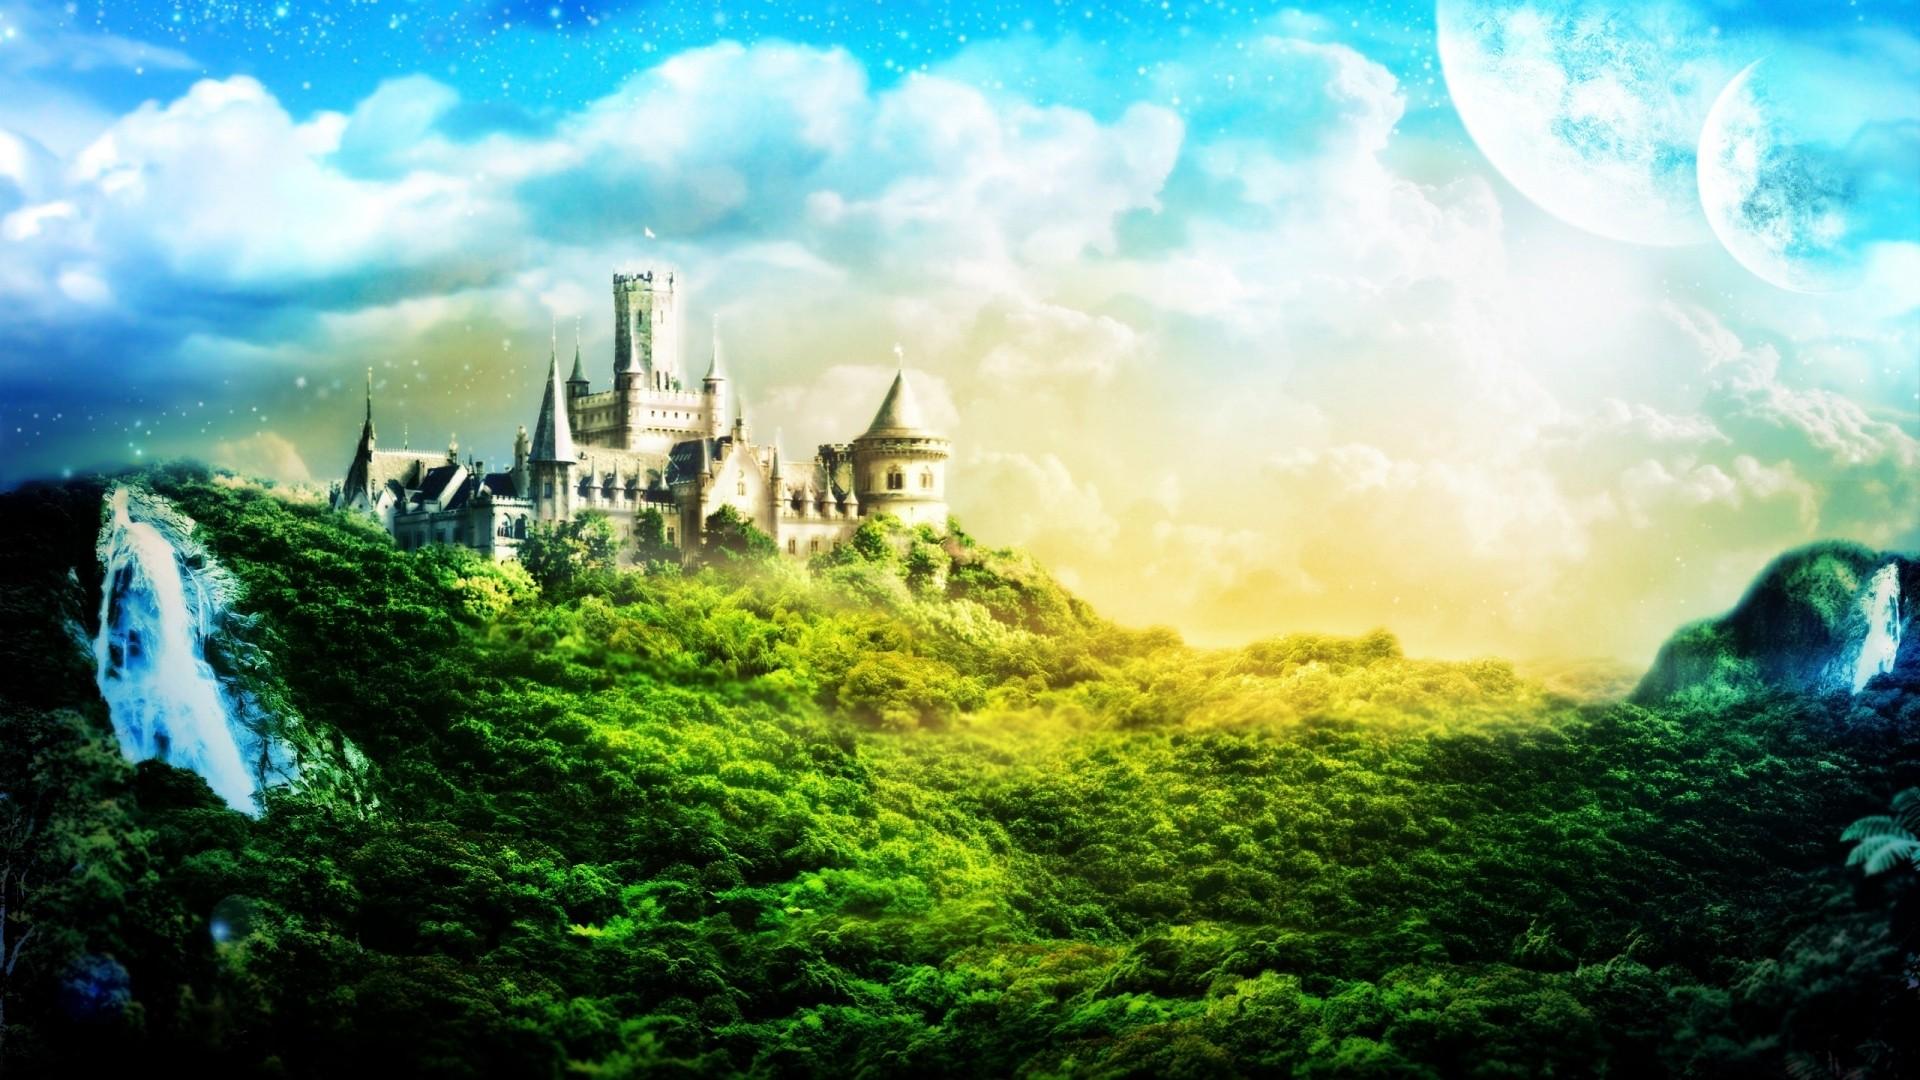 Обои замок в дремучем лесу для